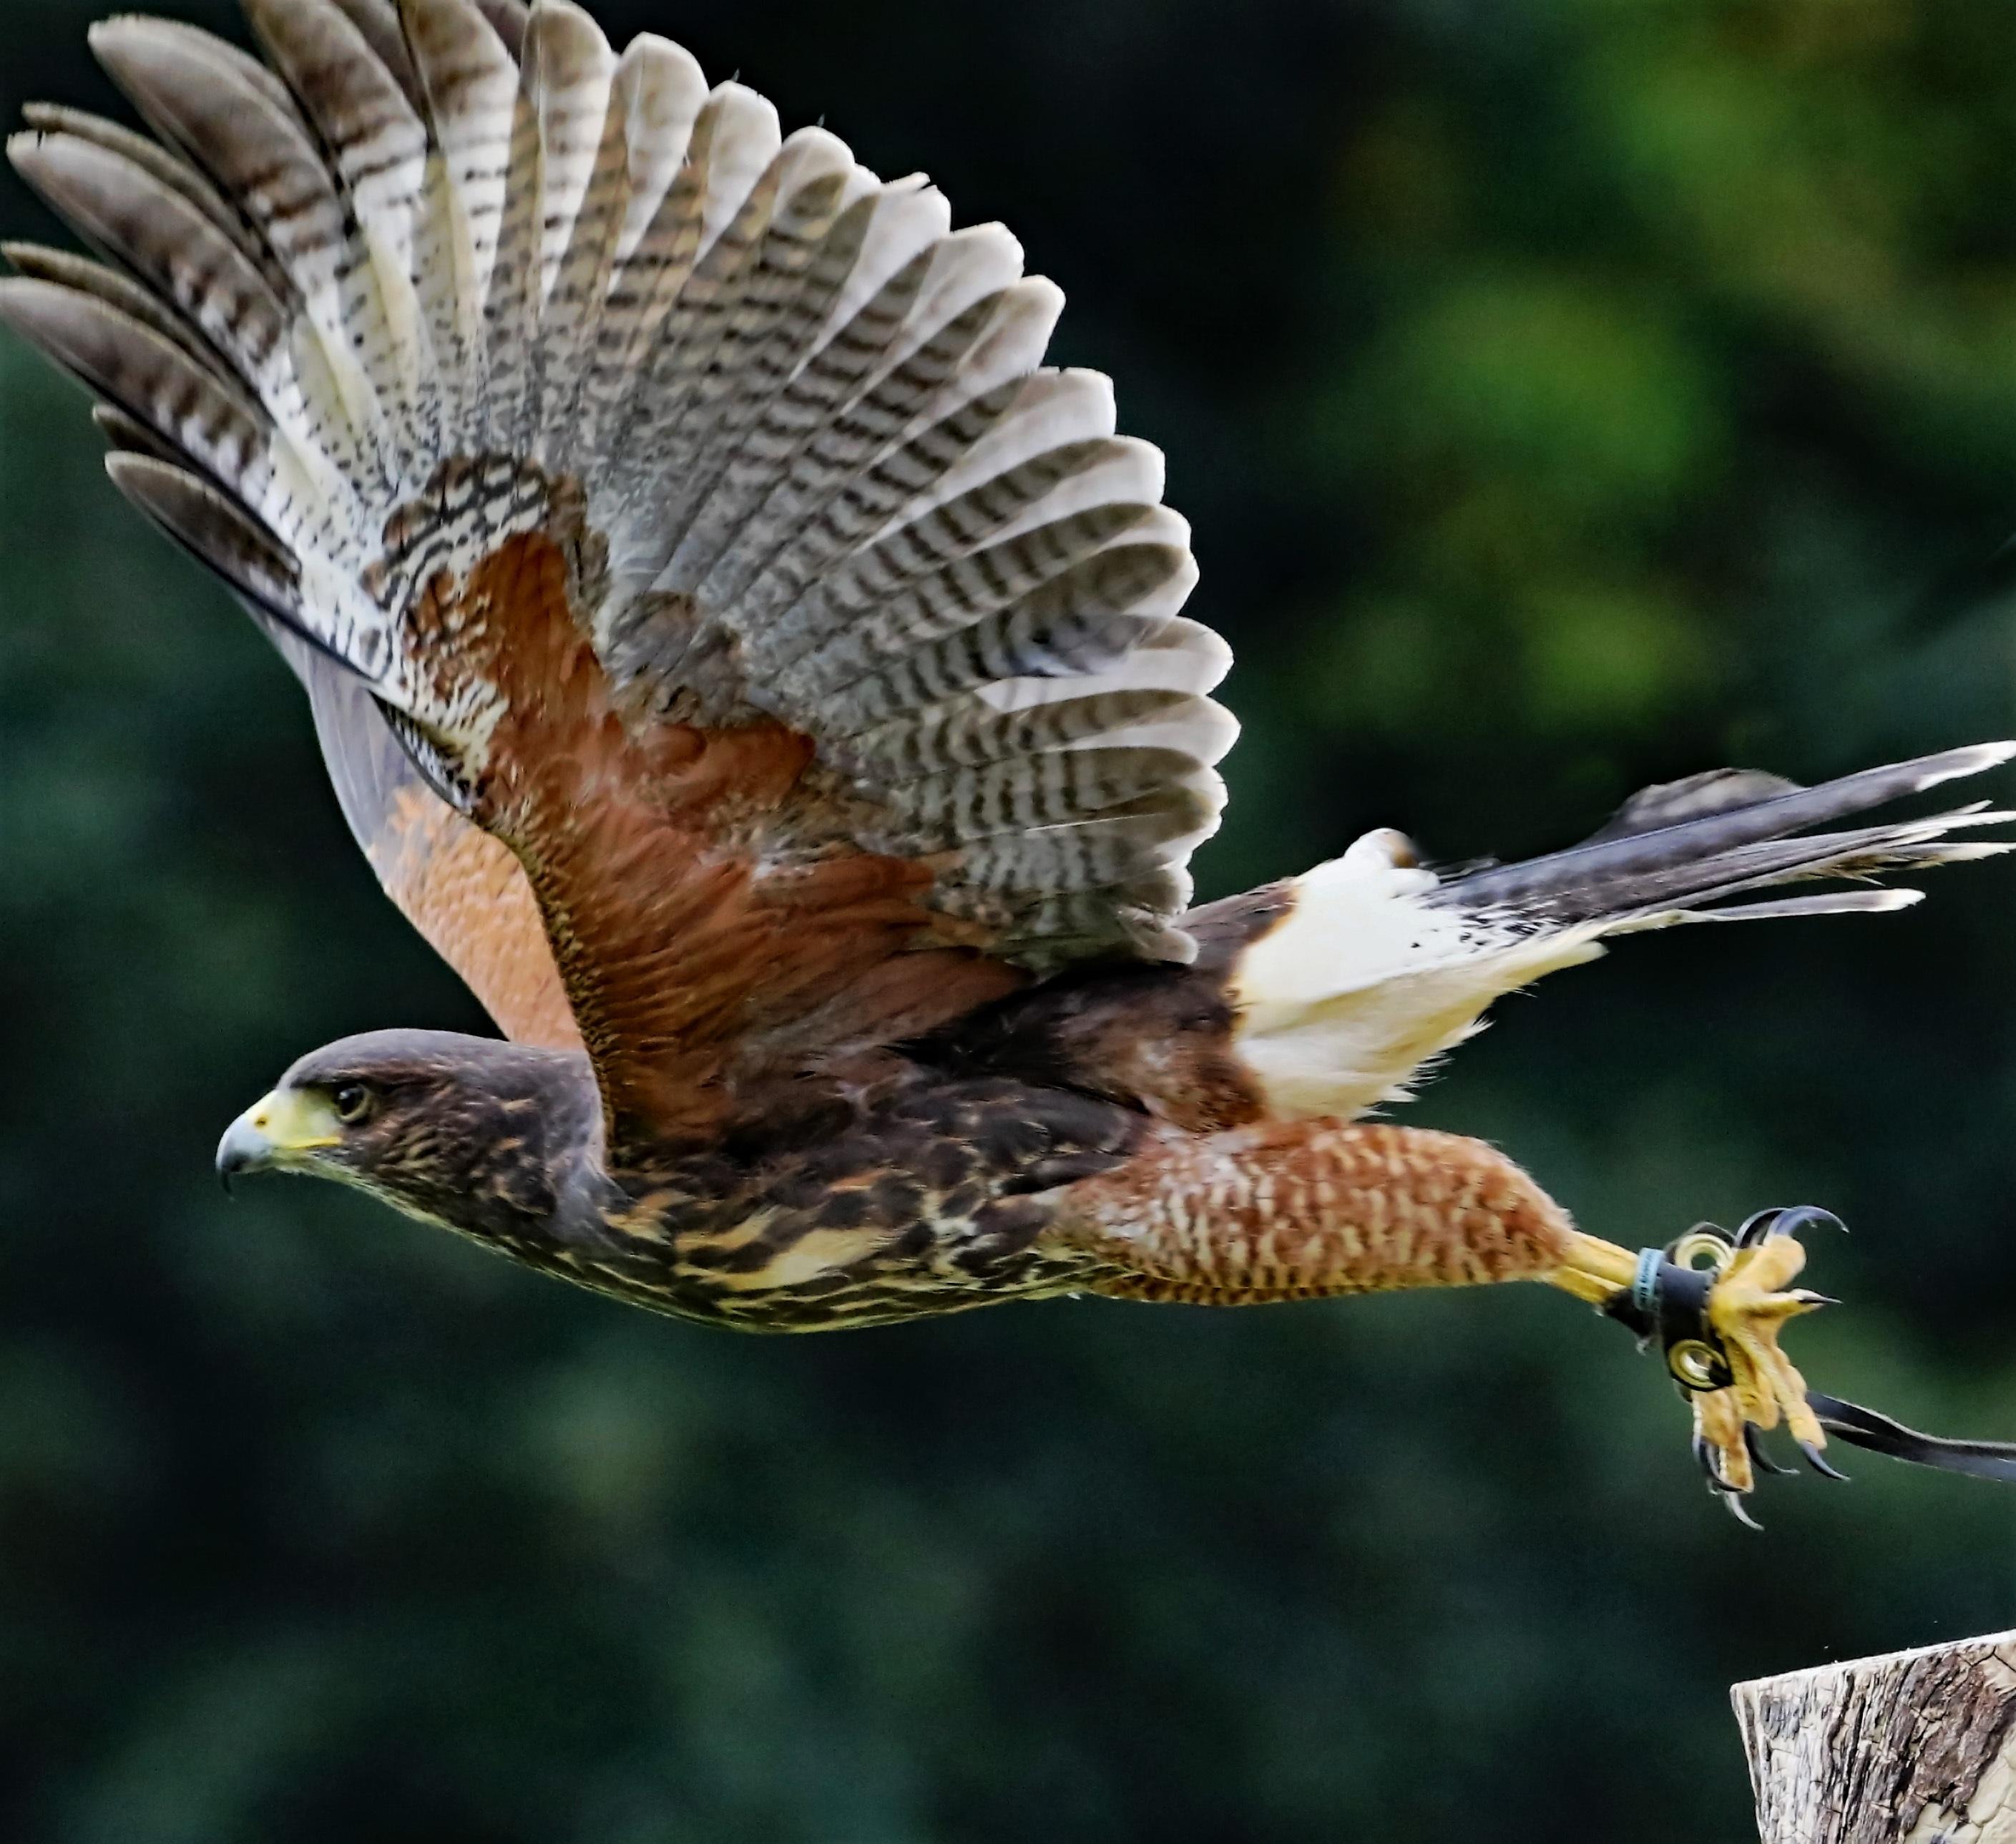 Free Images : nature, wing, fly, wildlife, beak, eagle ...